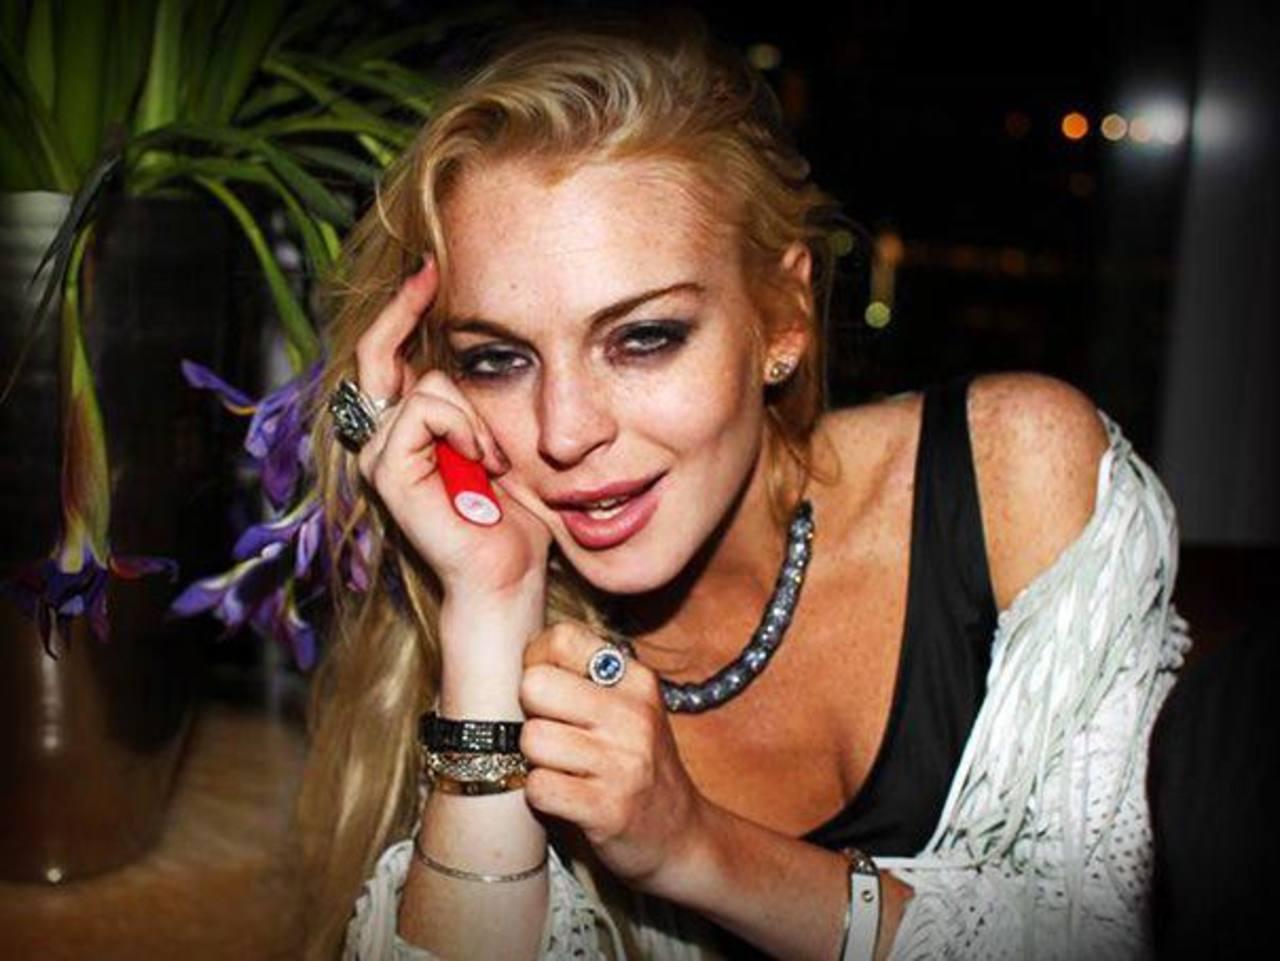 Lindsay ha tenido serios problemas con las drogas. Foto edh